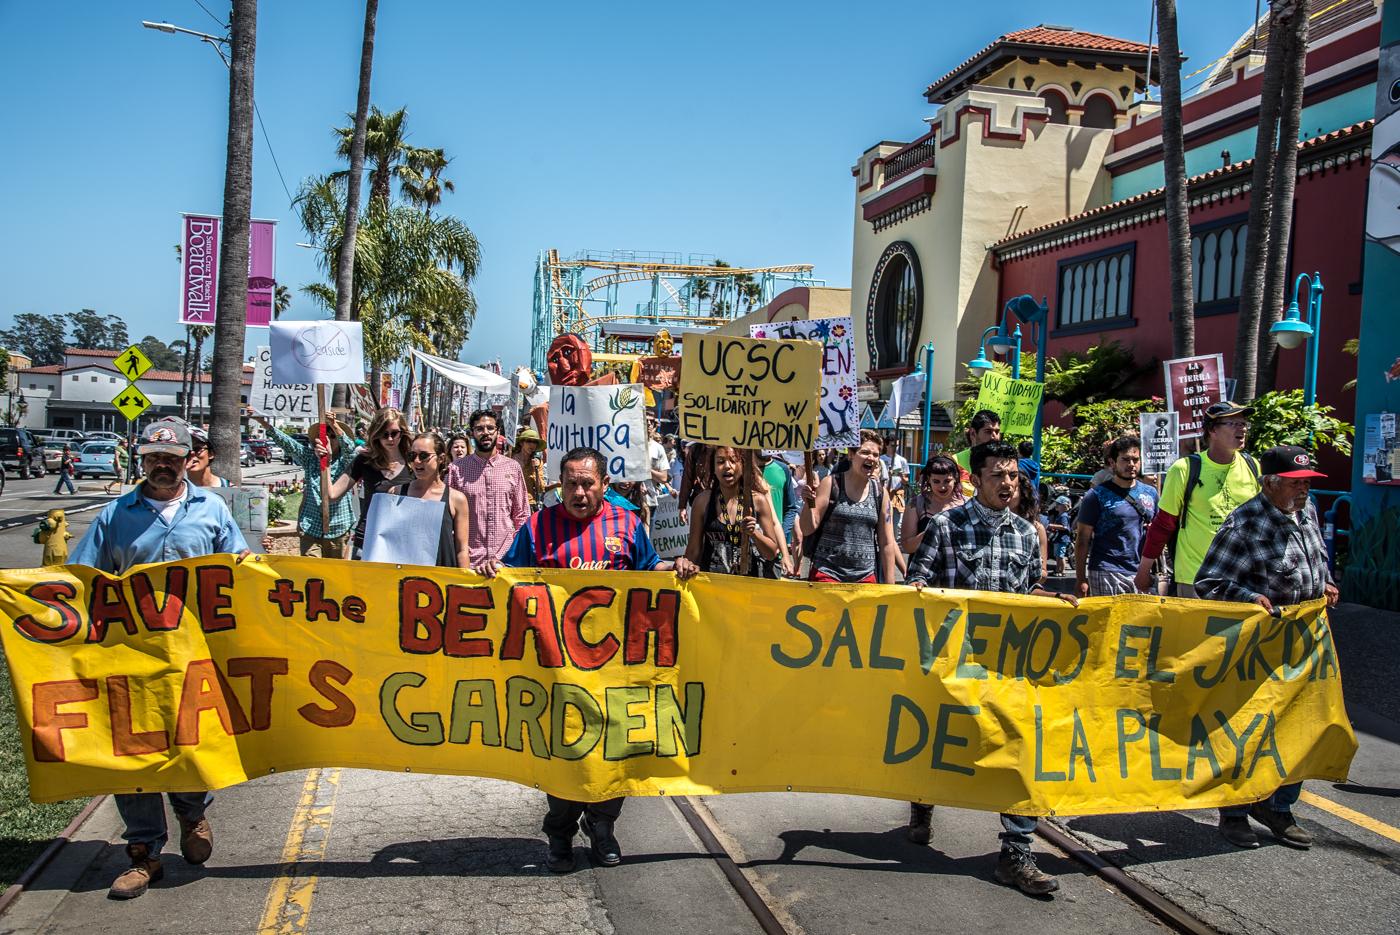 Sm May Day Santa Cruz 20 Beach Flats Garden